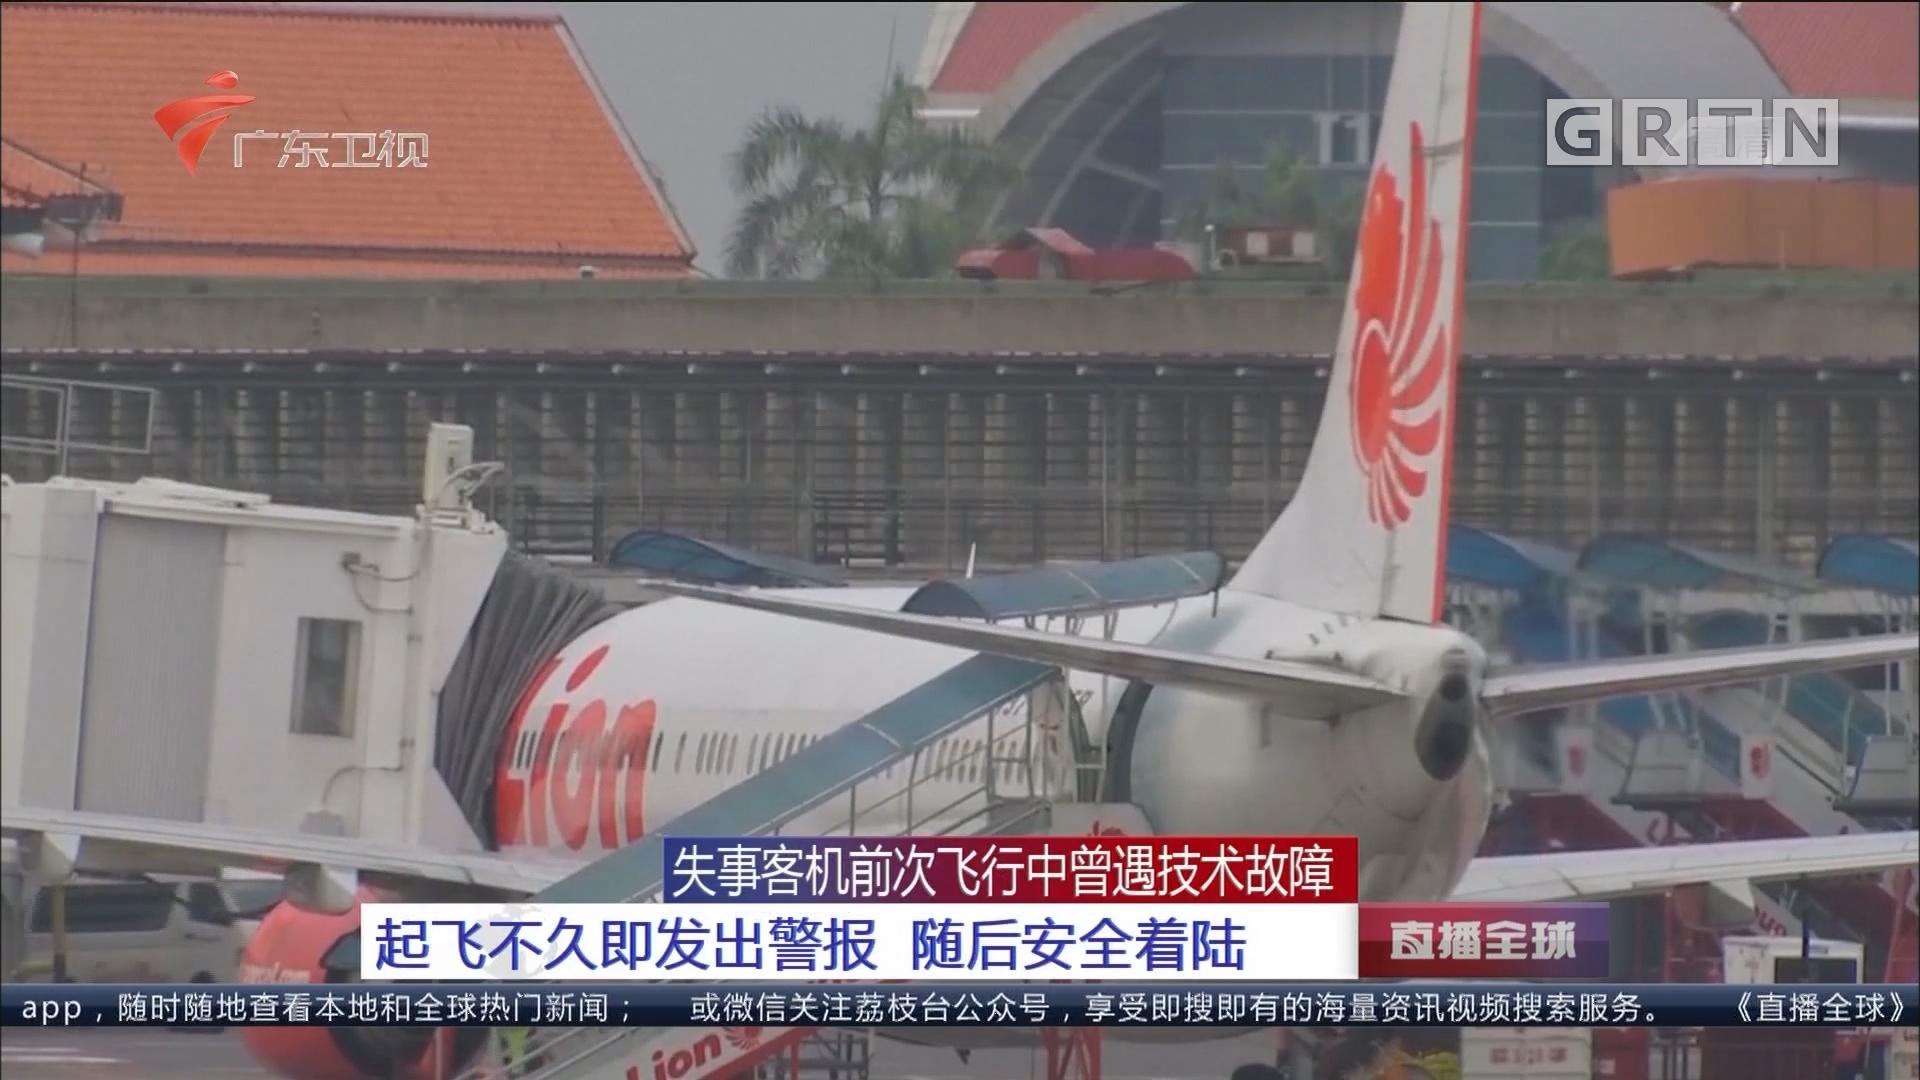 失事客机前次飞行中曾遇技术故障:起飞不久即发出警报 随后安全着陆